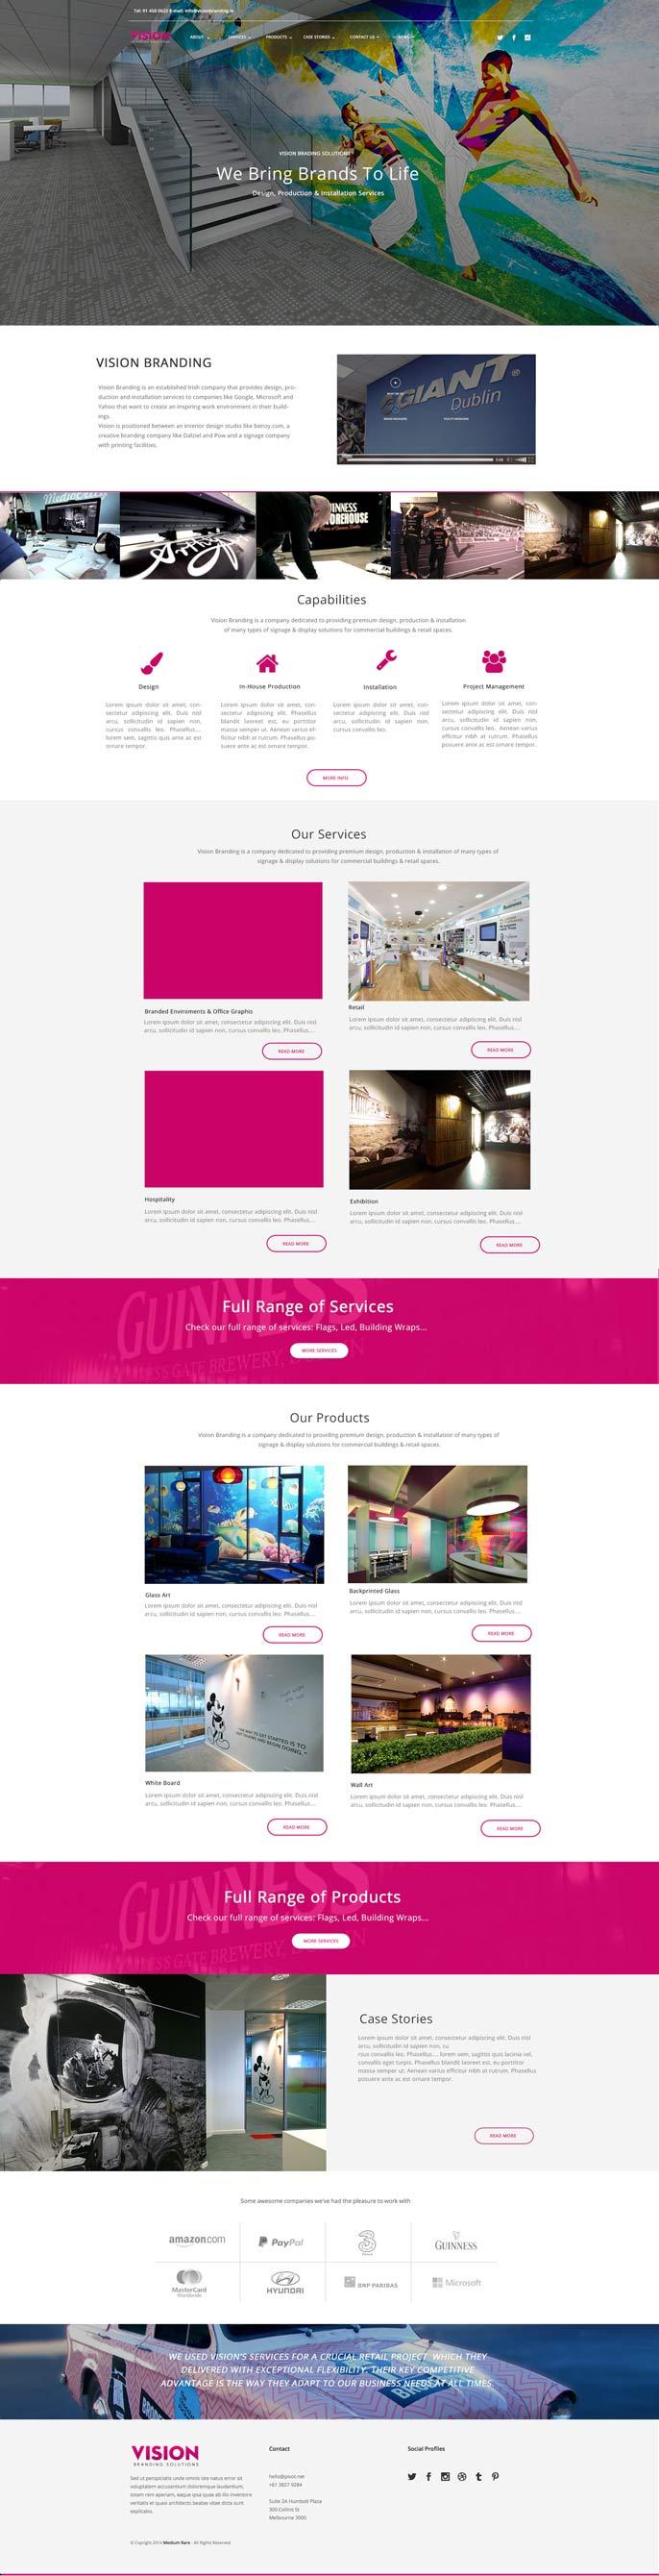 Web Design - Dublin - VisionBranding.ie